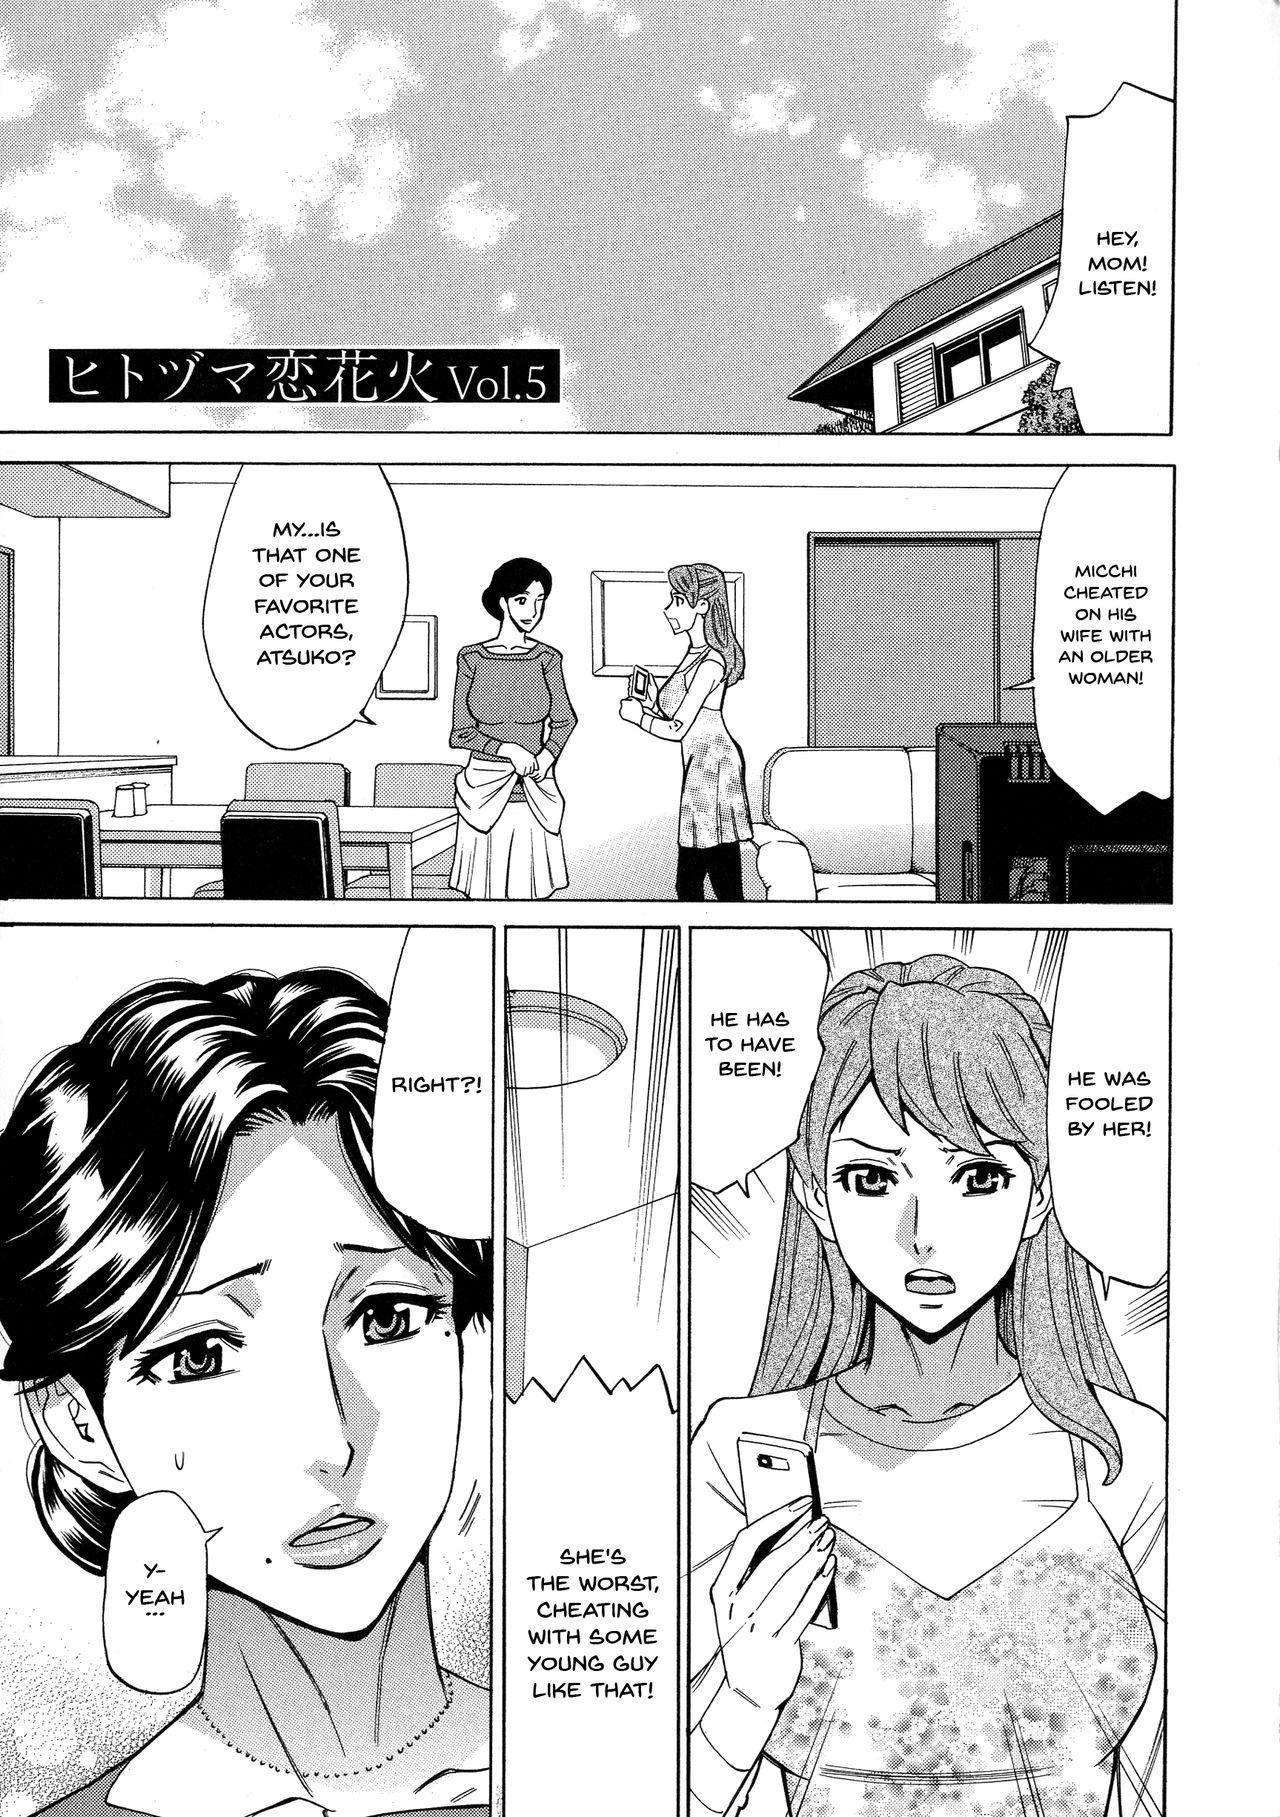 [Makibe Kataru] Hitozuma Koi Hanabi ~Hajimete no Furin ga 3P ni Itaru made~ Ch.1-9 [English] {Doujins.com} 77